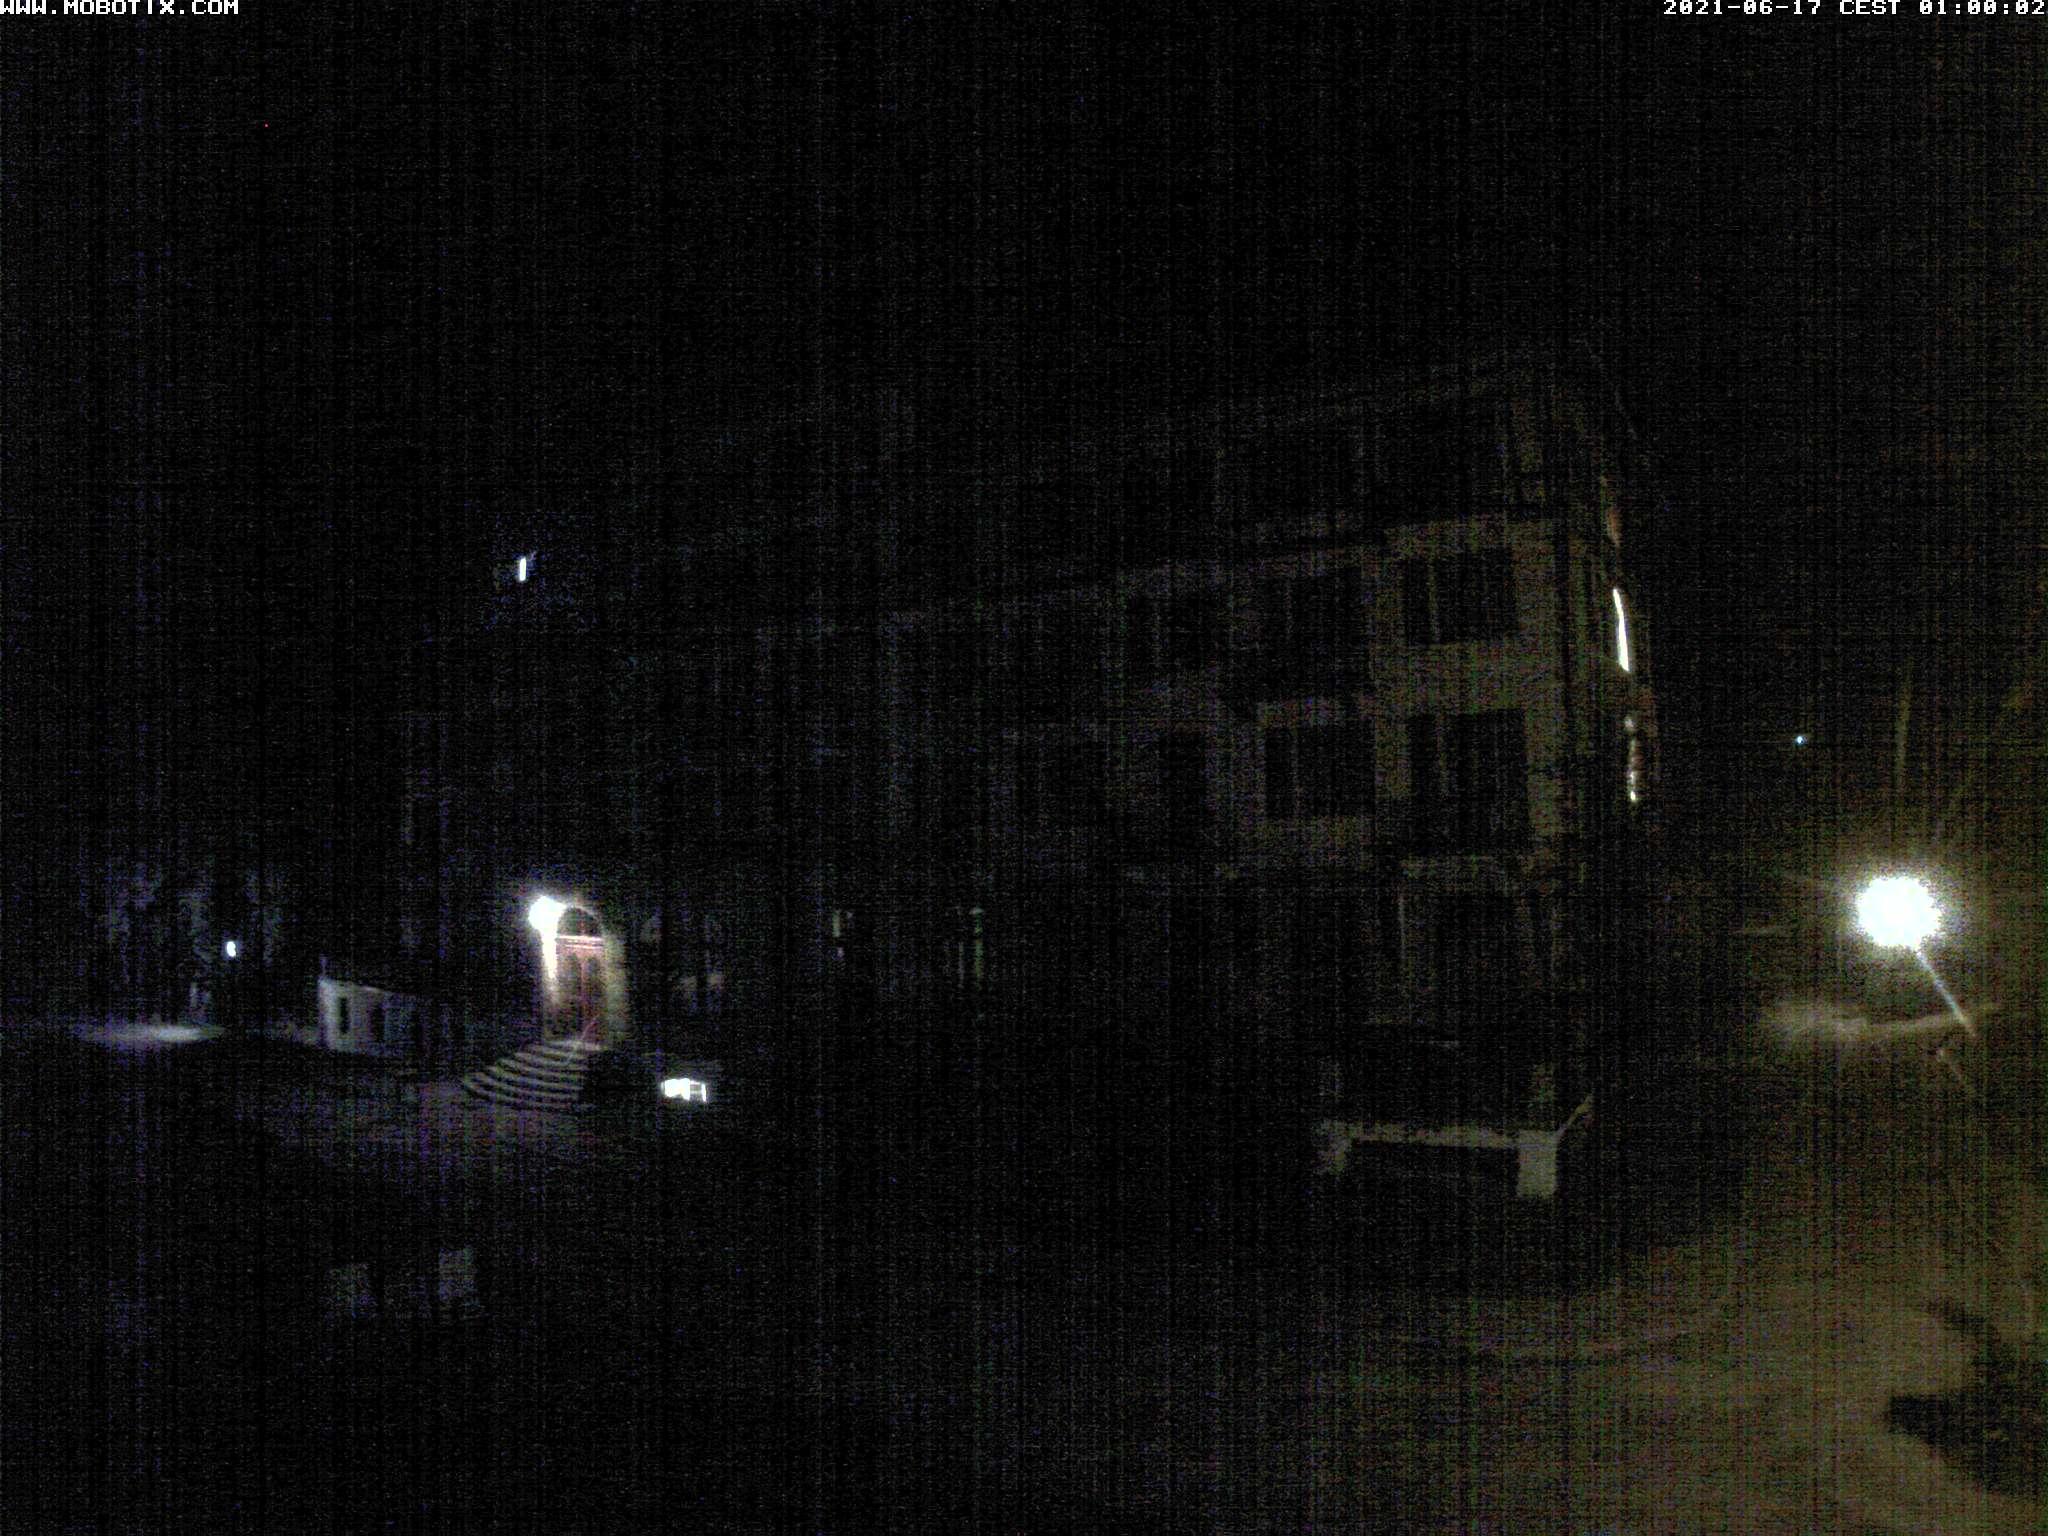 6h ago - 01:00